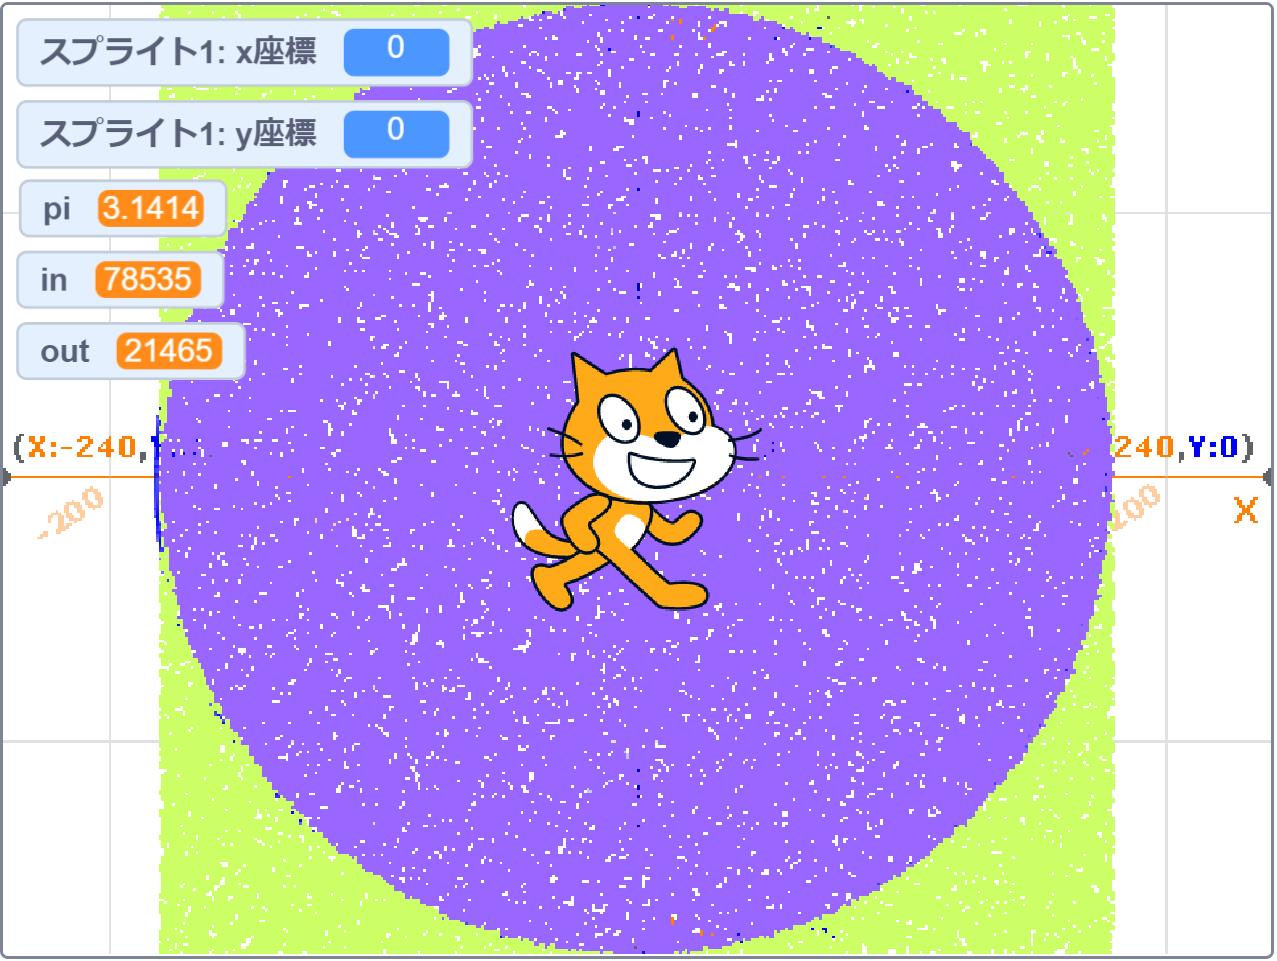 モンテカルロ法を用いた、円周率を求めるプログラミングワークショップ